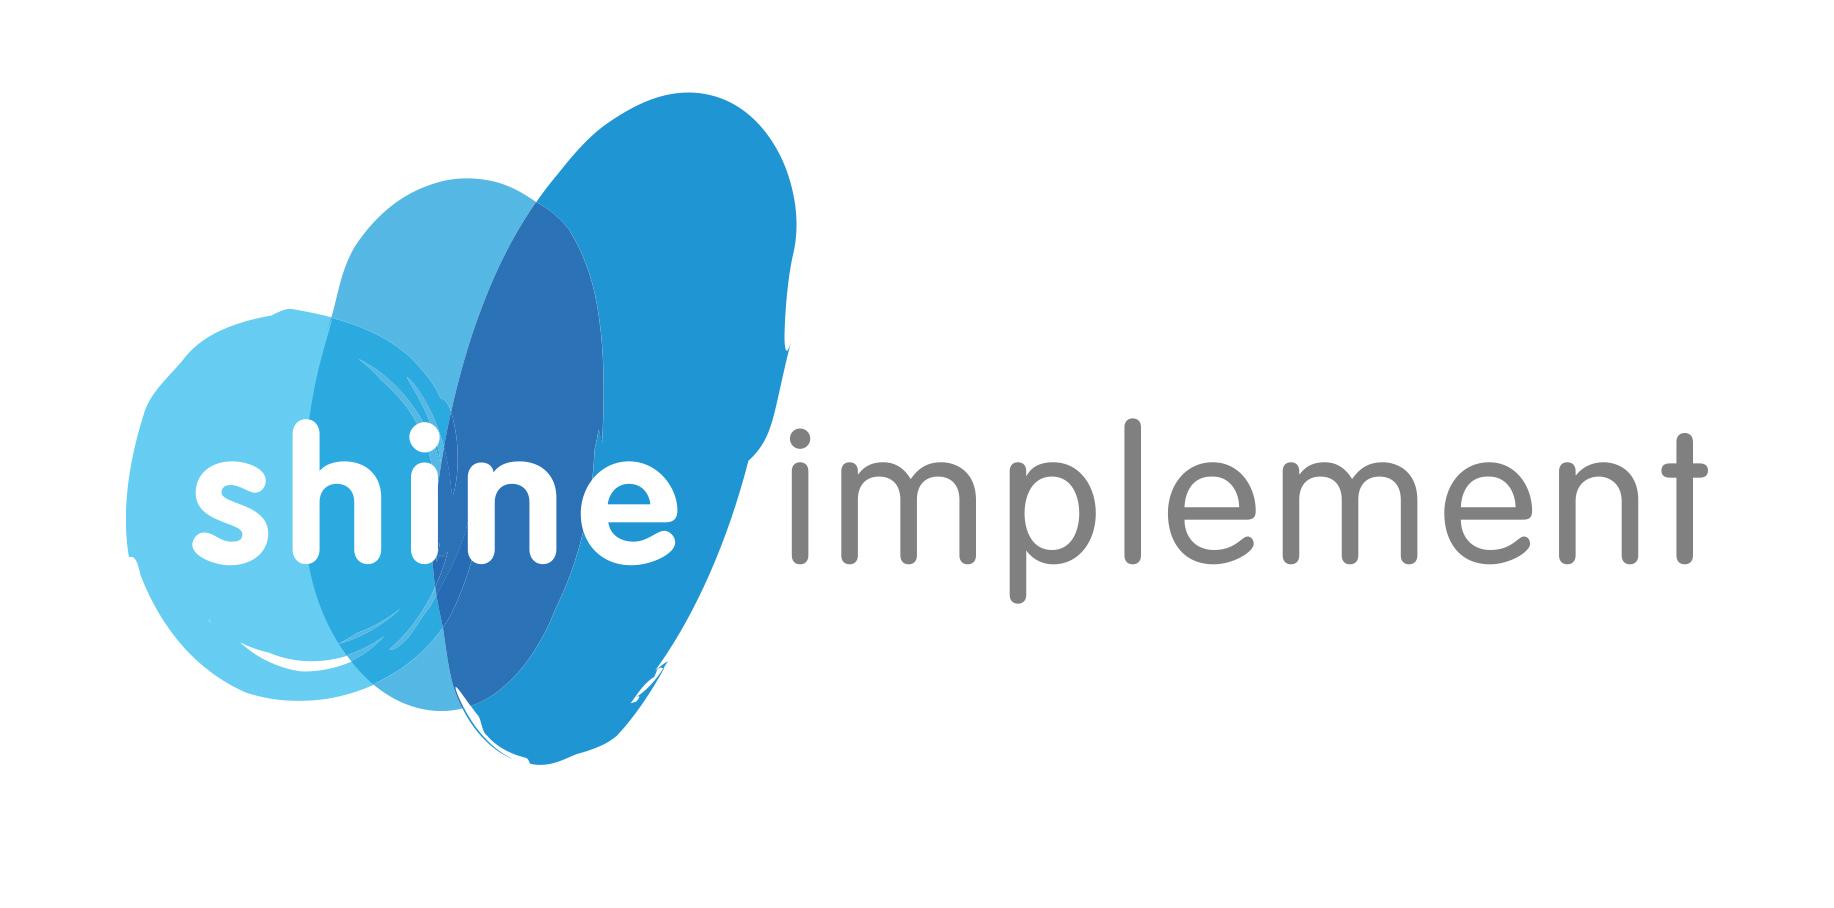 Shine_Implement_RGB_300dpi.jpg